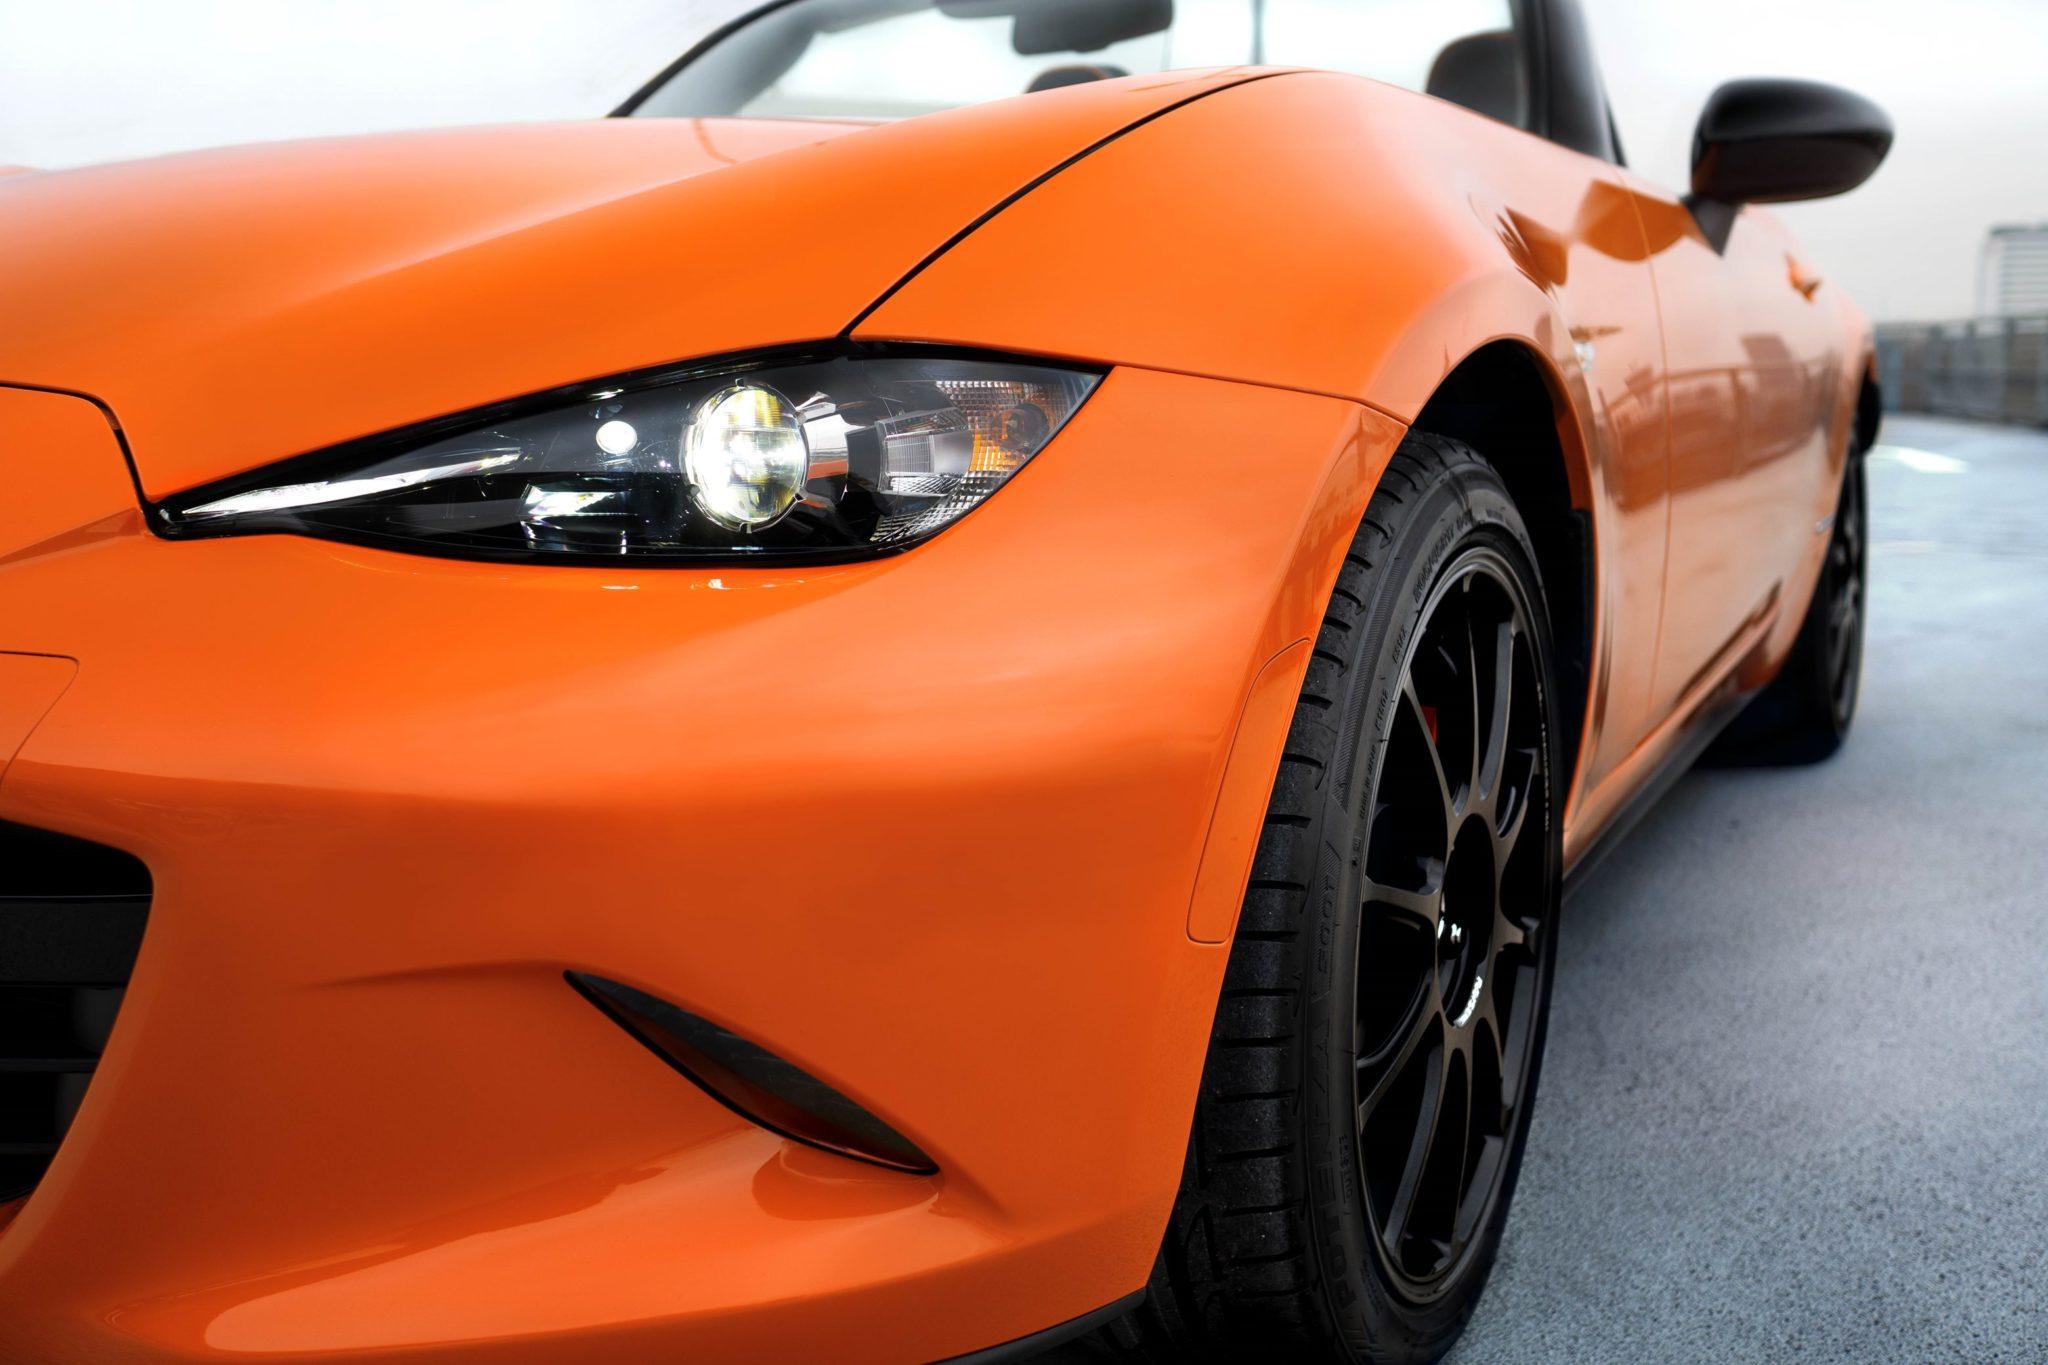 Verkauf für Mazda MX-5 30th Anniversary startet am 2. April